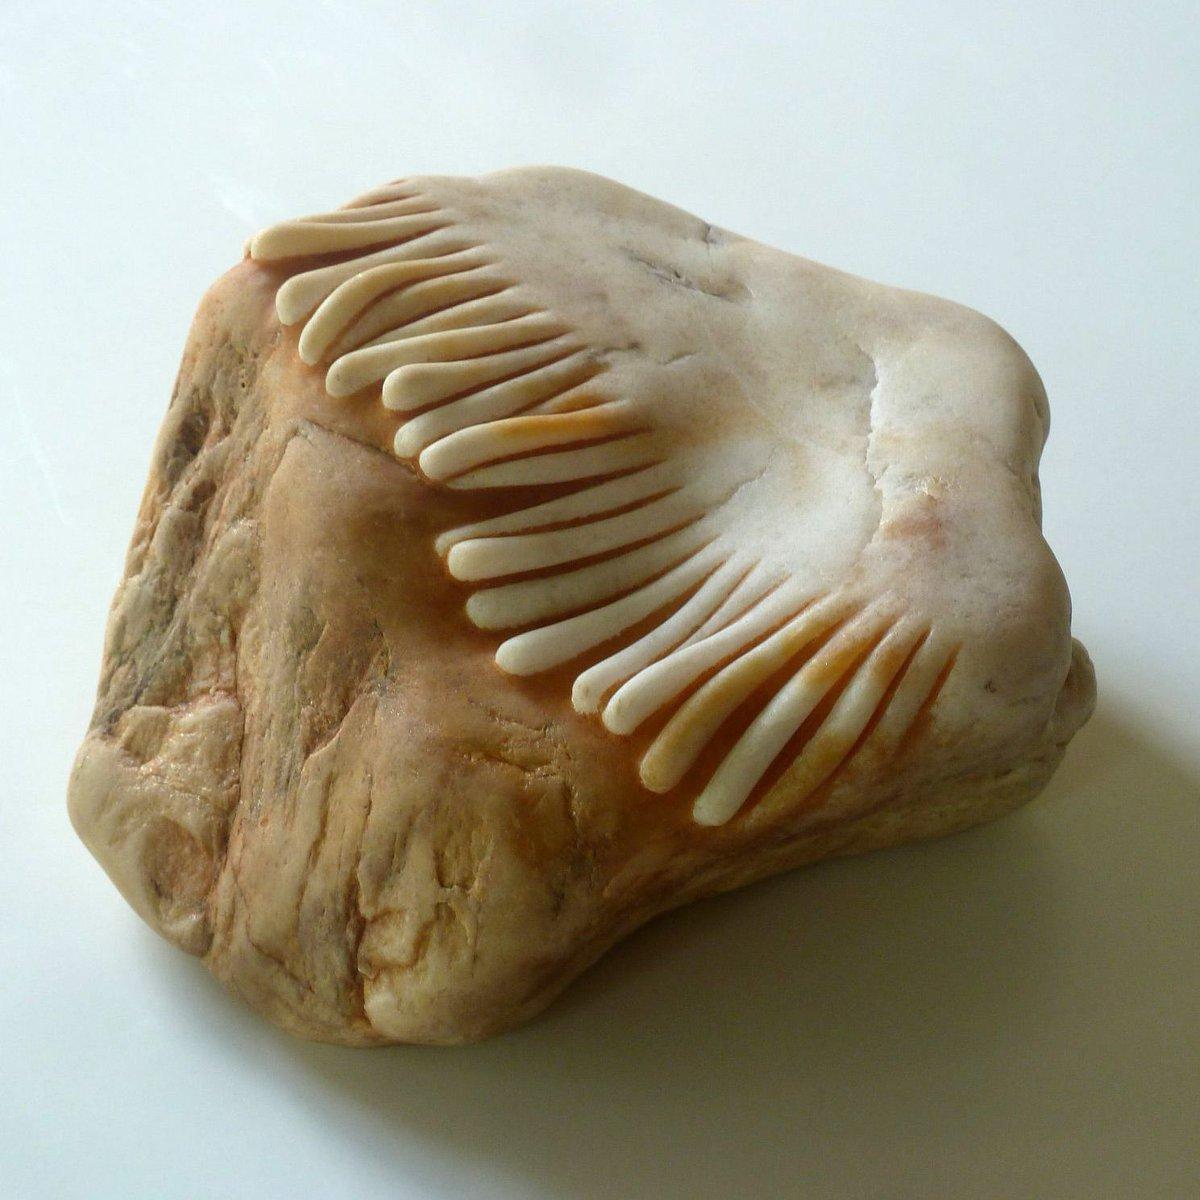 花崗岩などを彫り、石に見えないような質感を与える